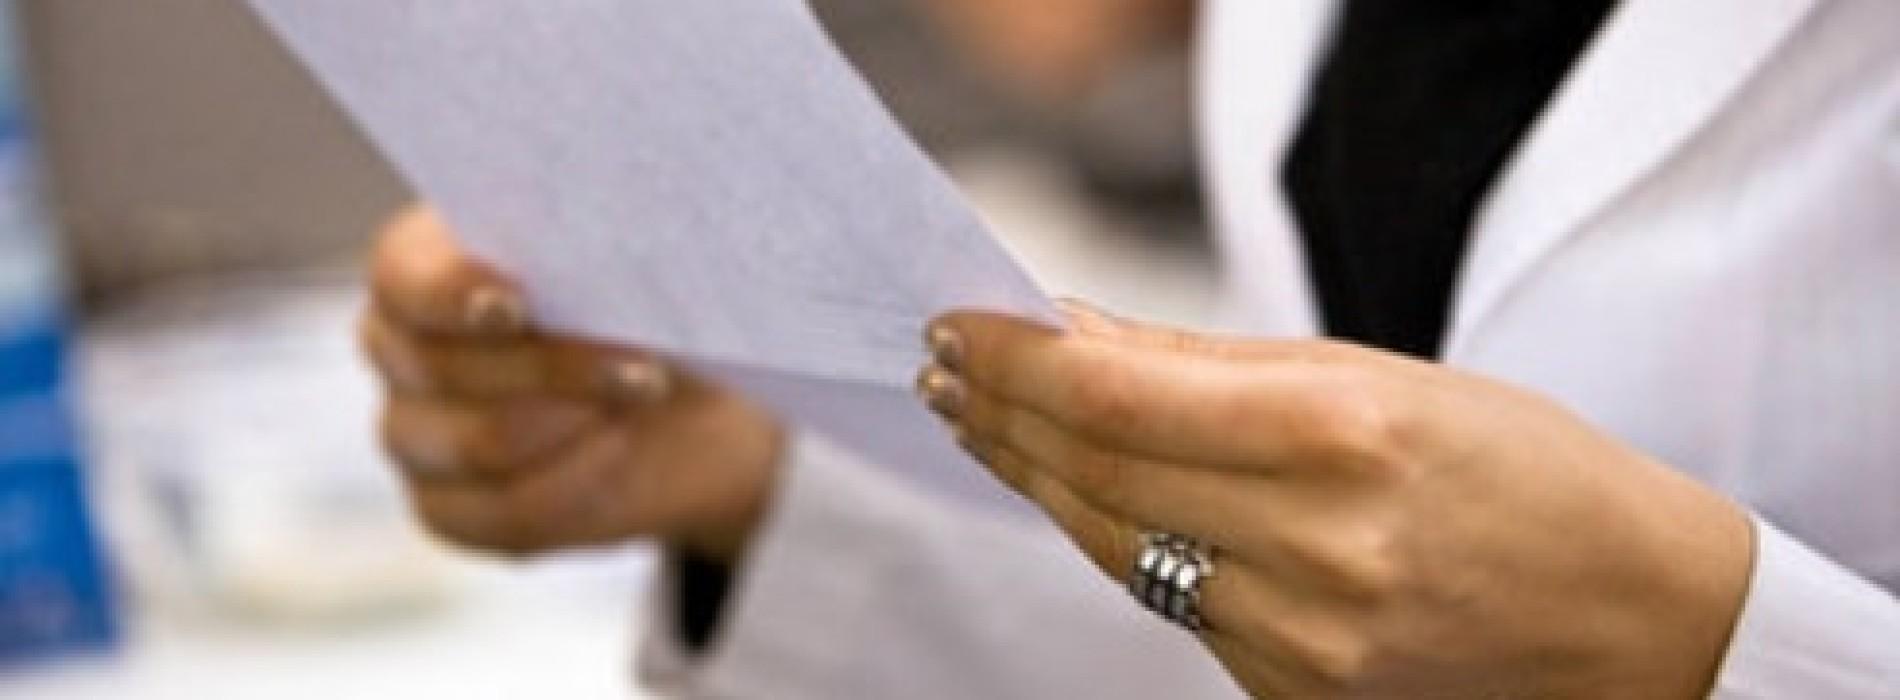 Jakie informacje zawiera świadectwo pracy?